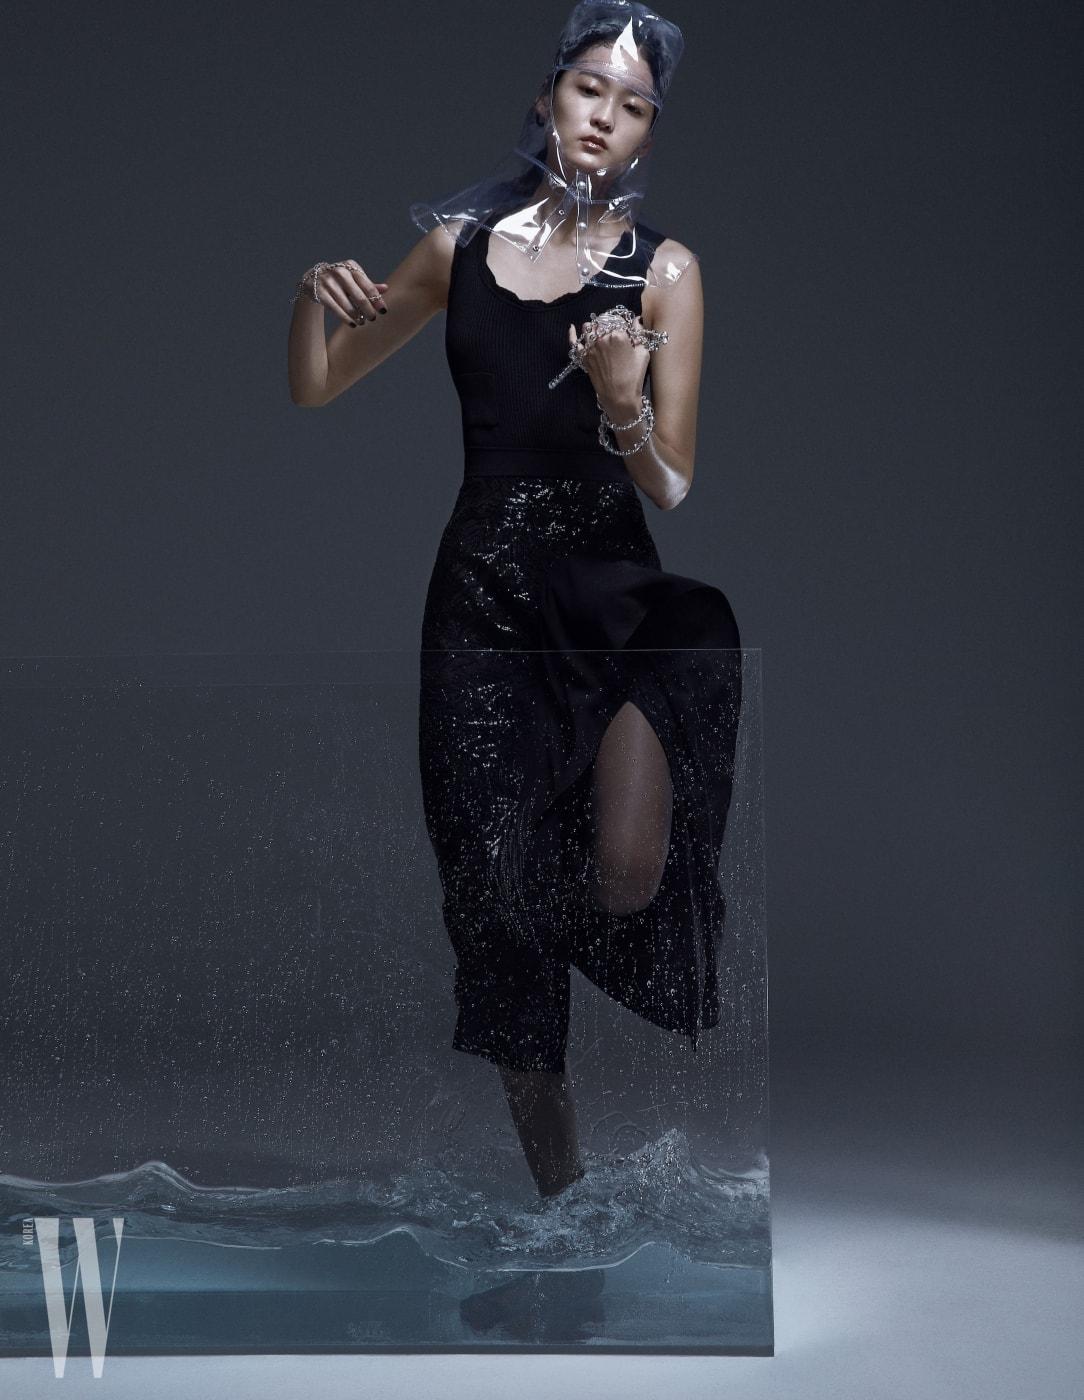 투명한 비닐 모자와 니트 보디슈트, 손에 든 구슬 목걸이는 모두 Chanel, 스팽글 장식 스커트는 Michael Kors 제품.